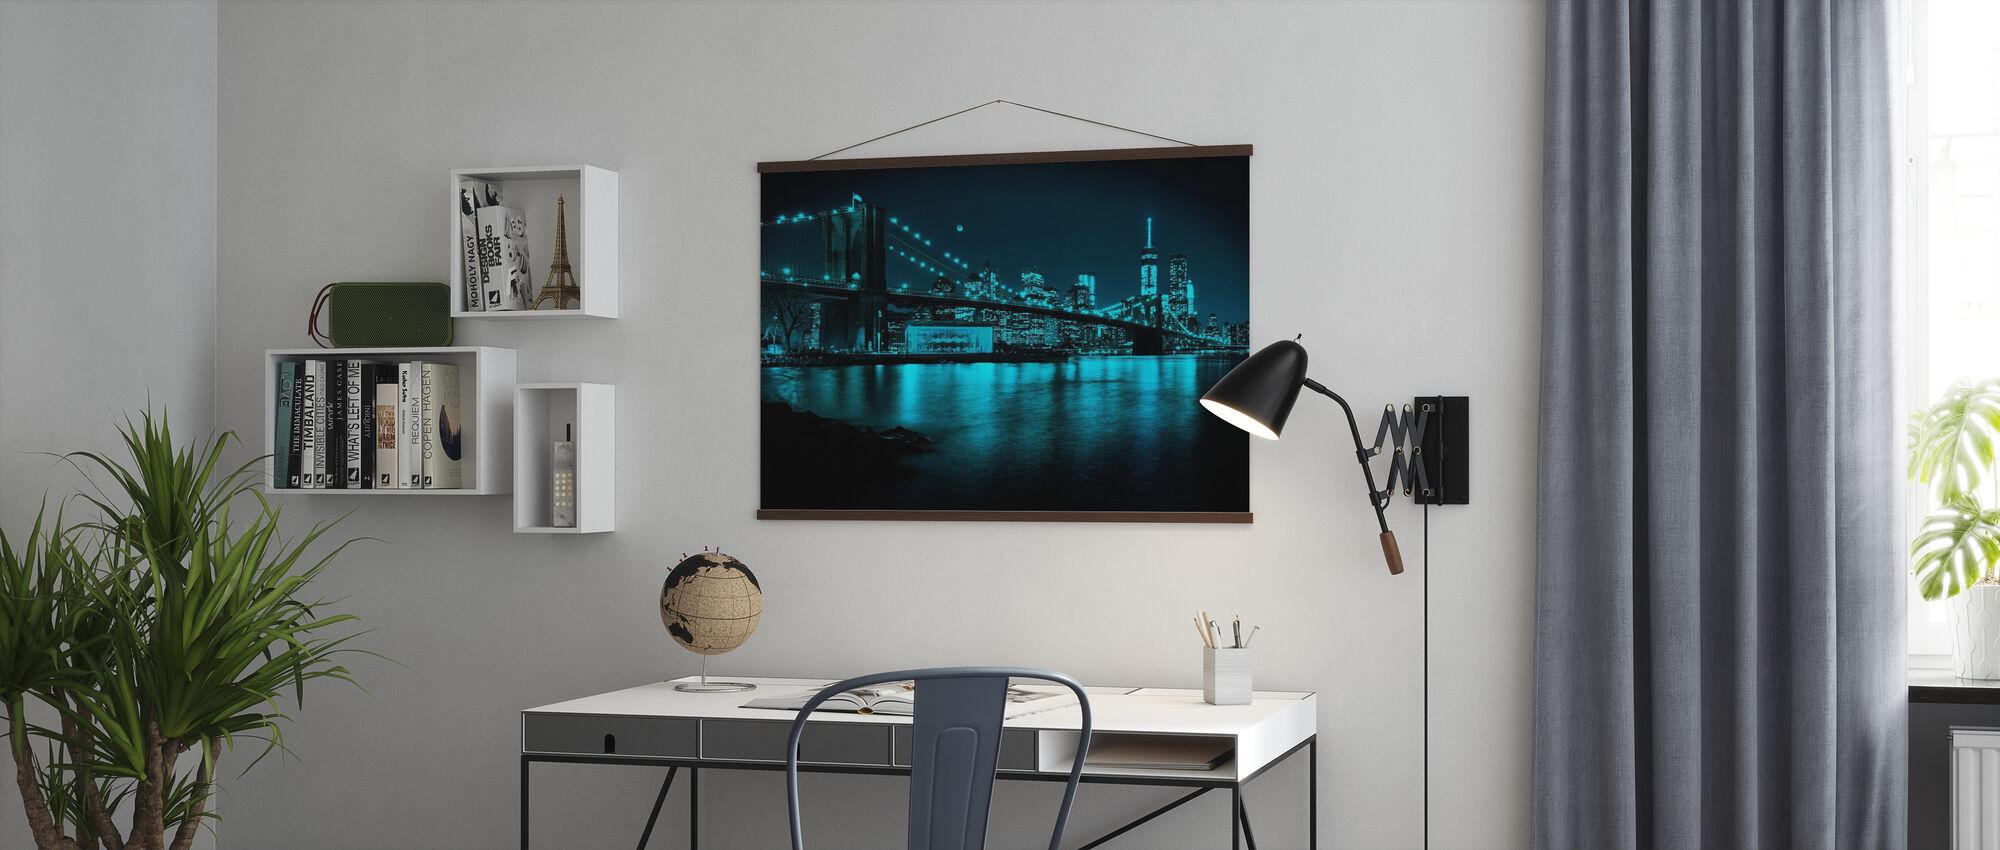 New Freedom Tower und Brooklyn Bridge bei Nacht - Poster - Büro